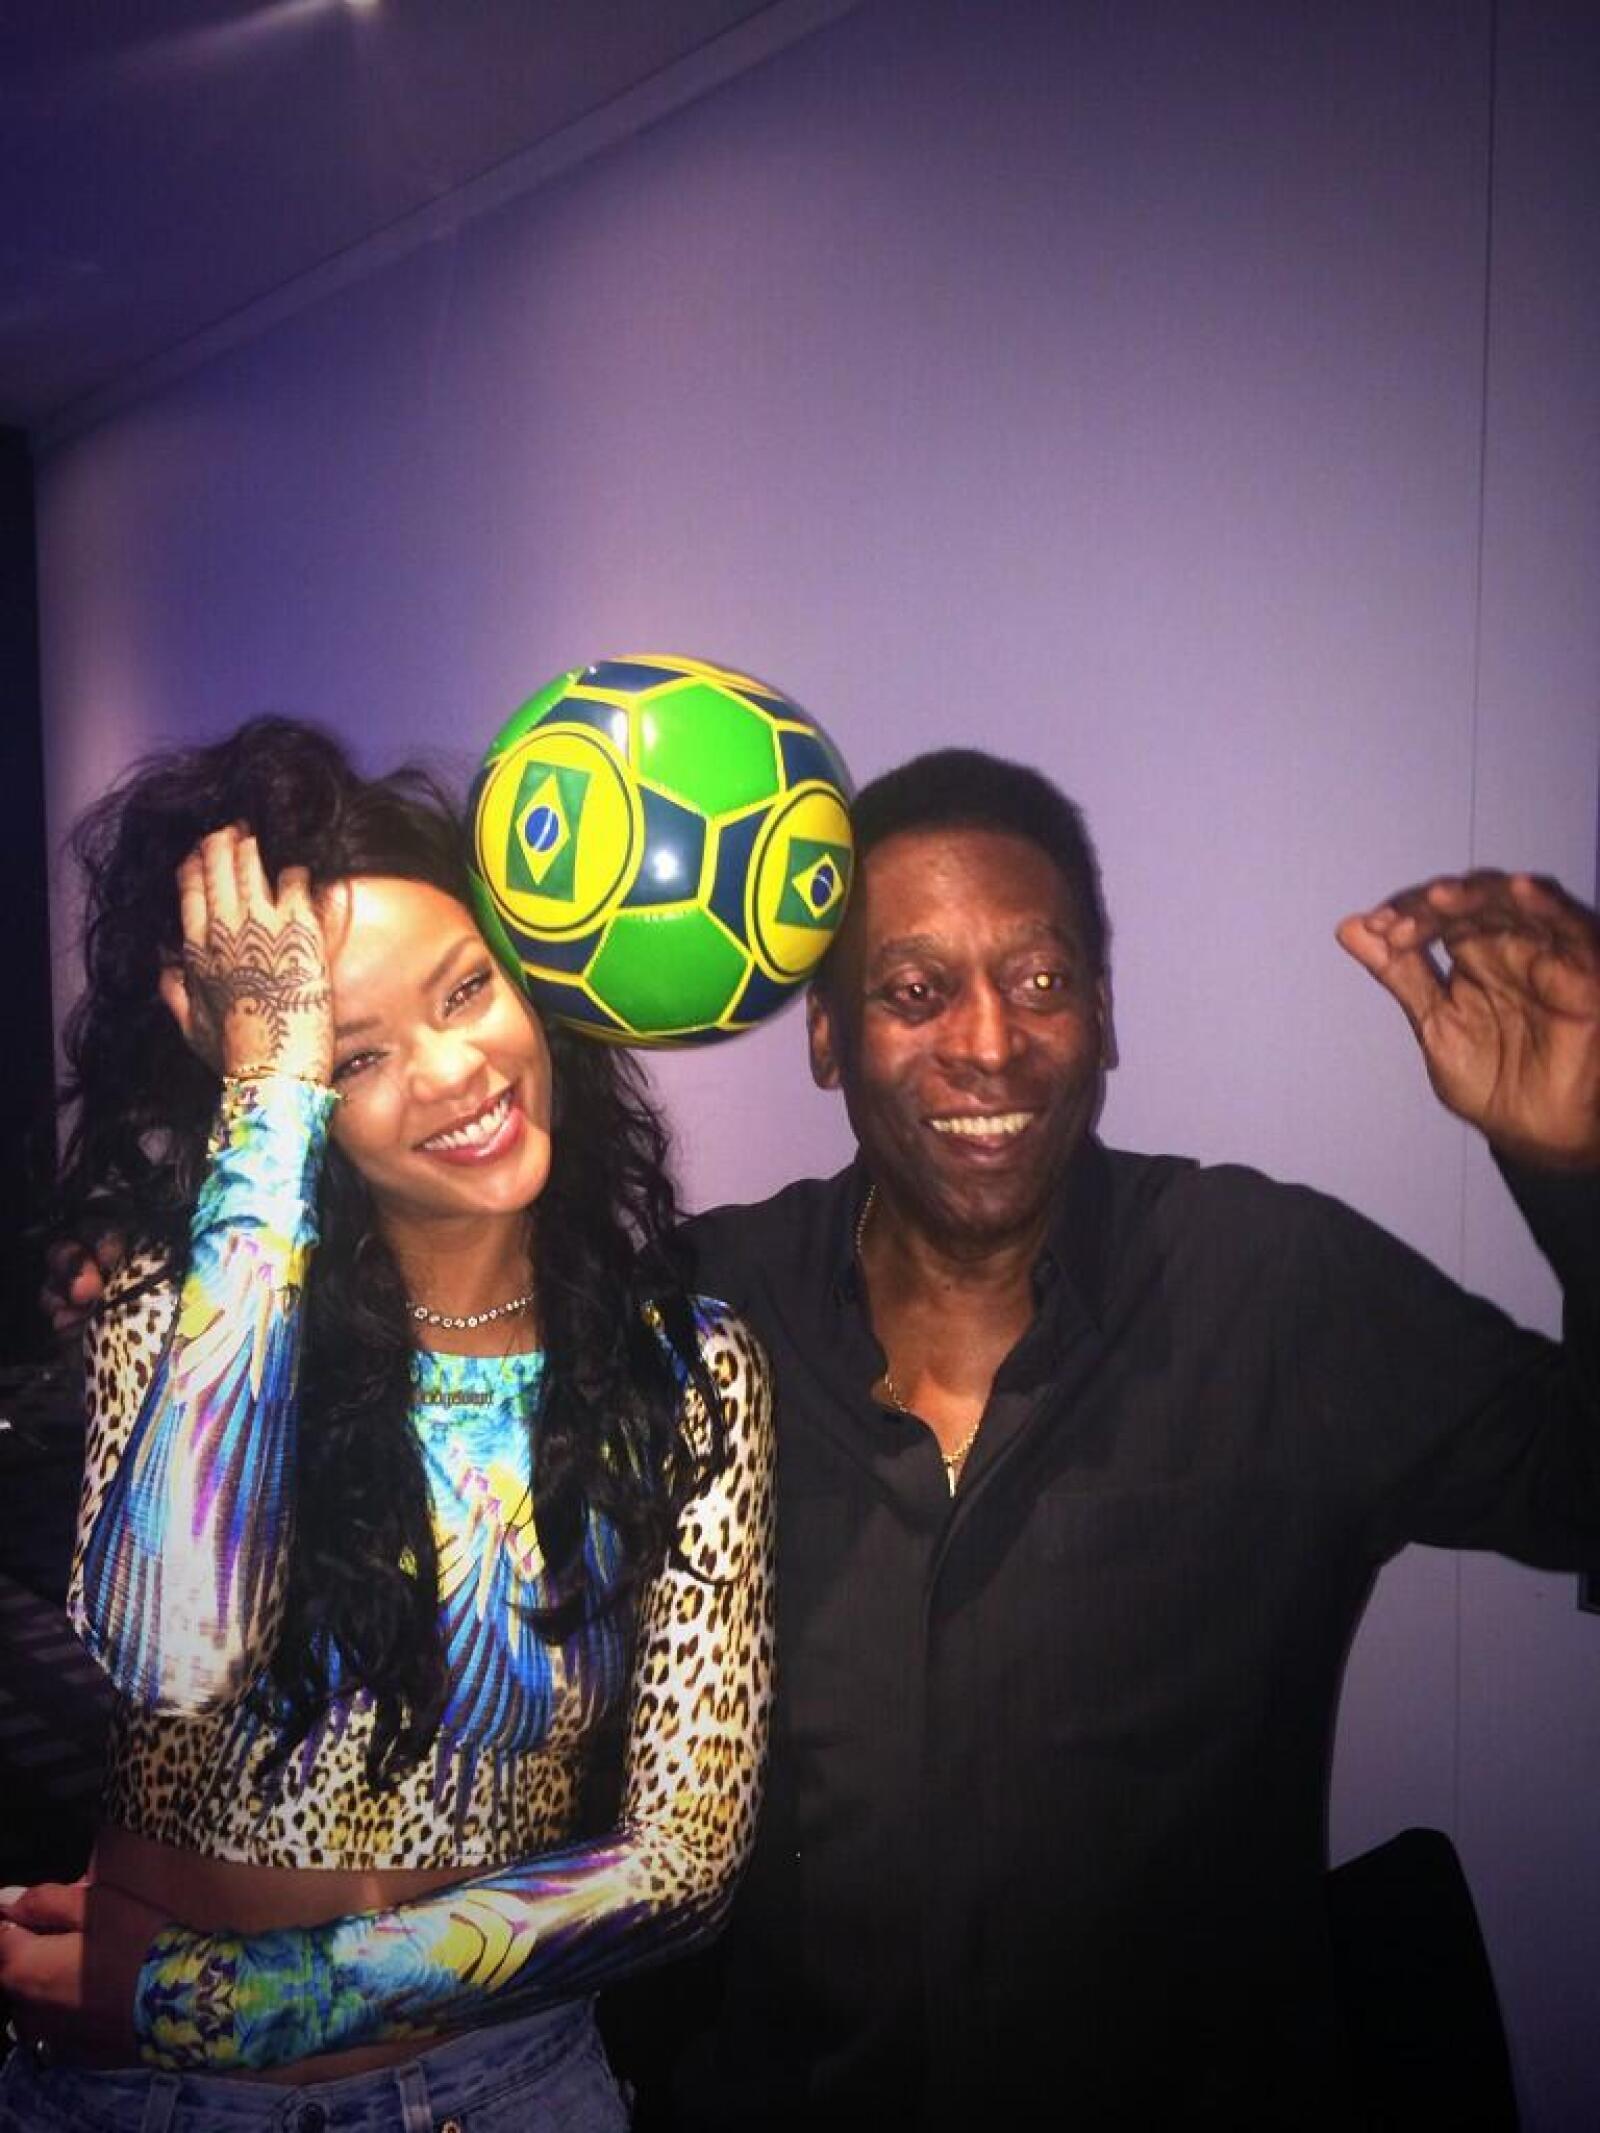 El ex futbolista se mostró emocionado de conocer a la cantante internacional.